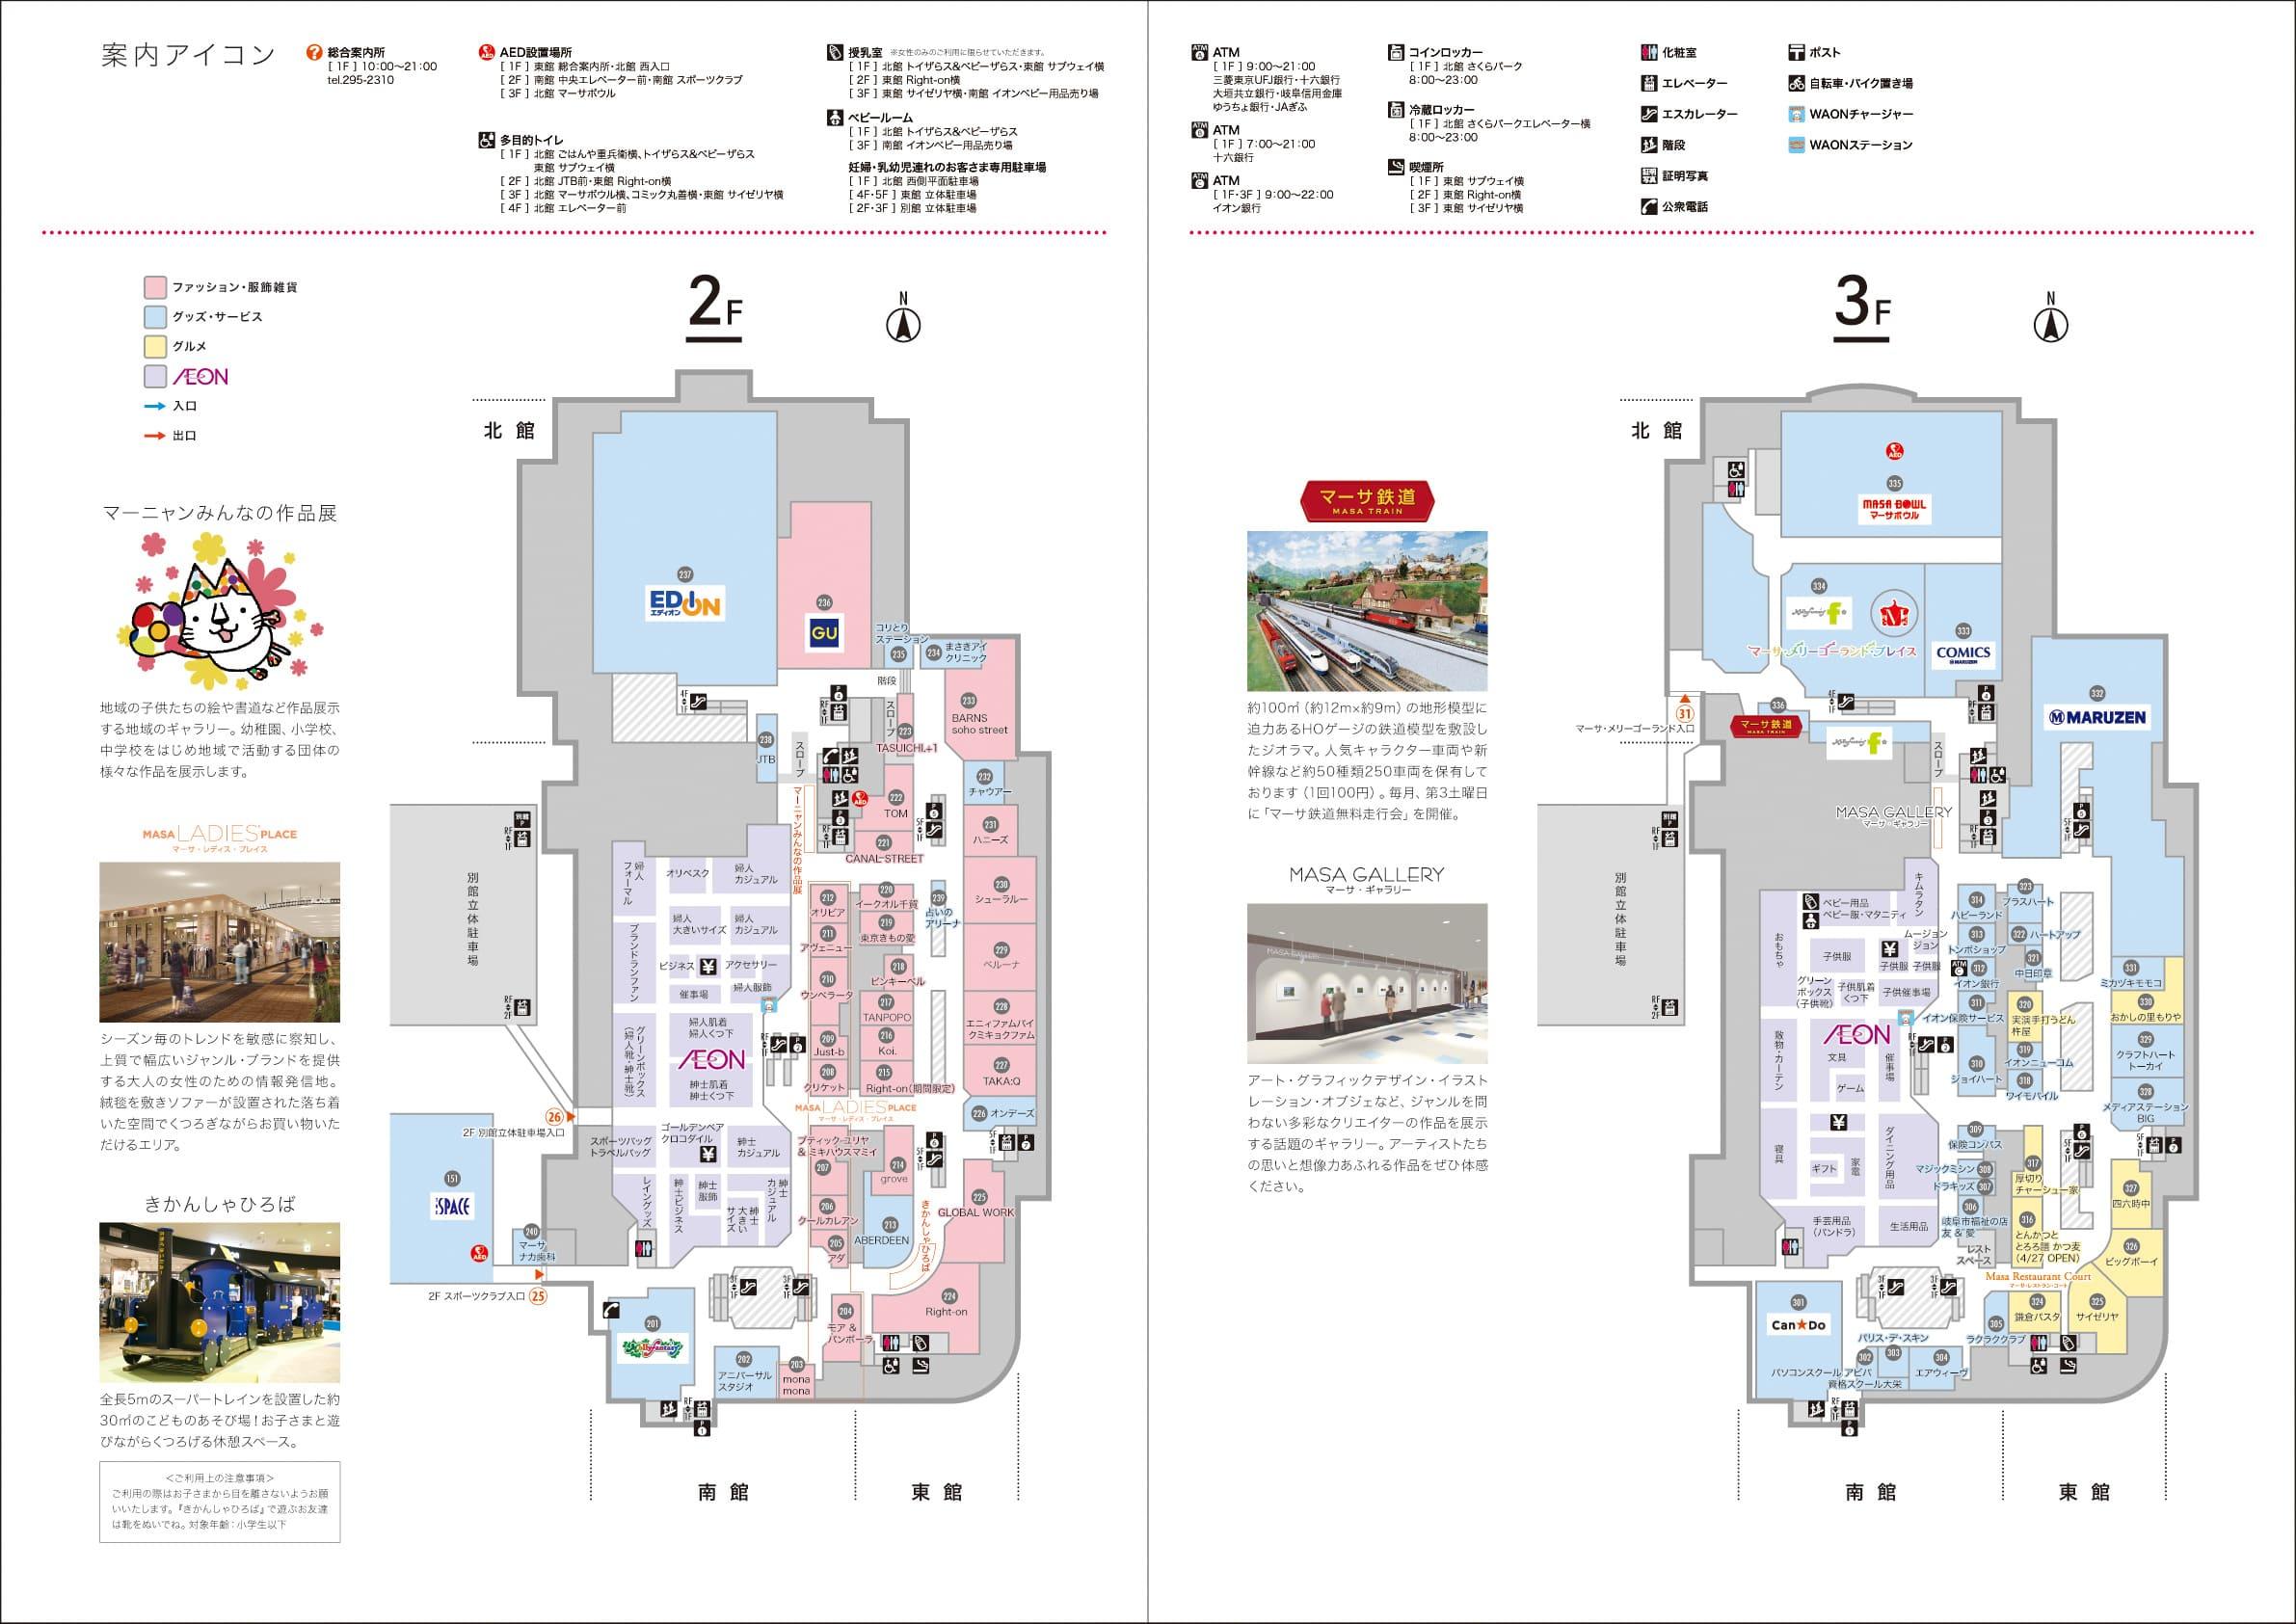 マーサ21 ショッピングセンター フロアガイド制作